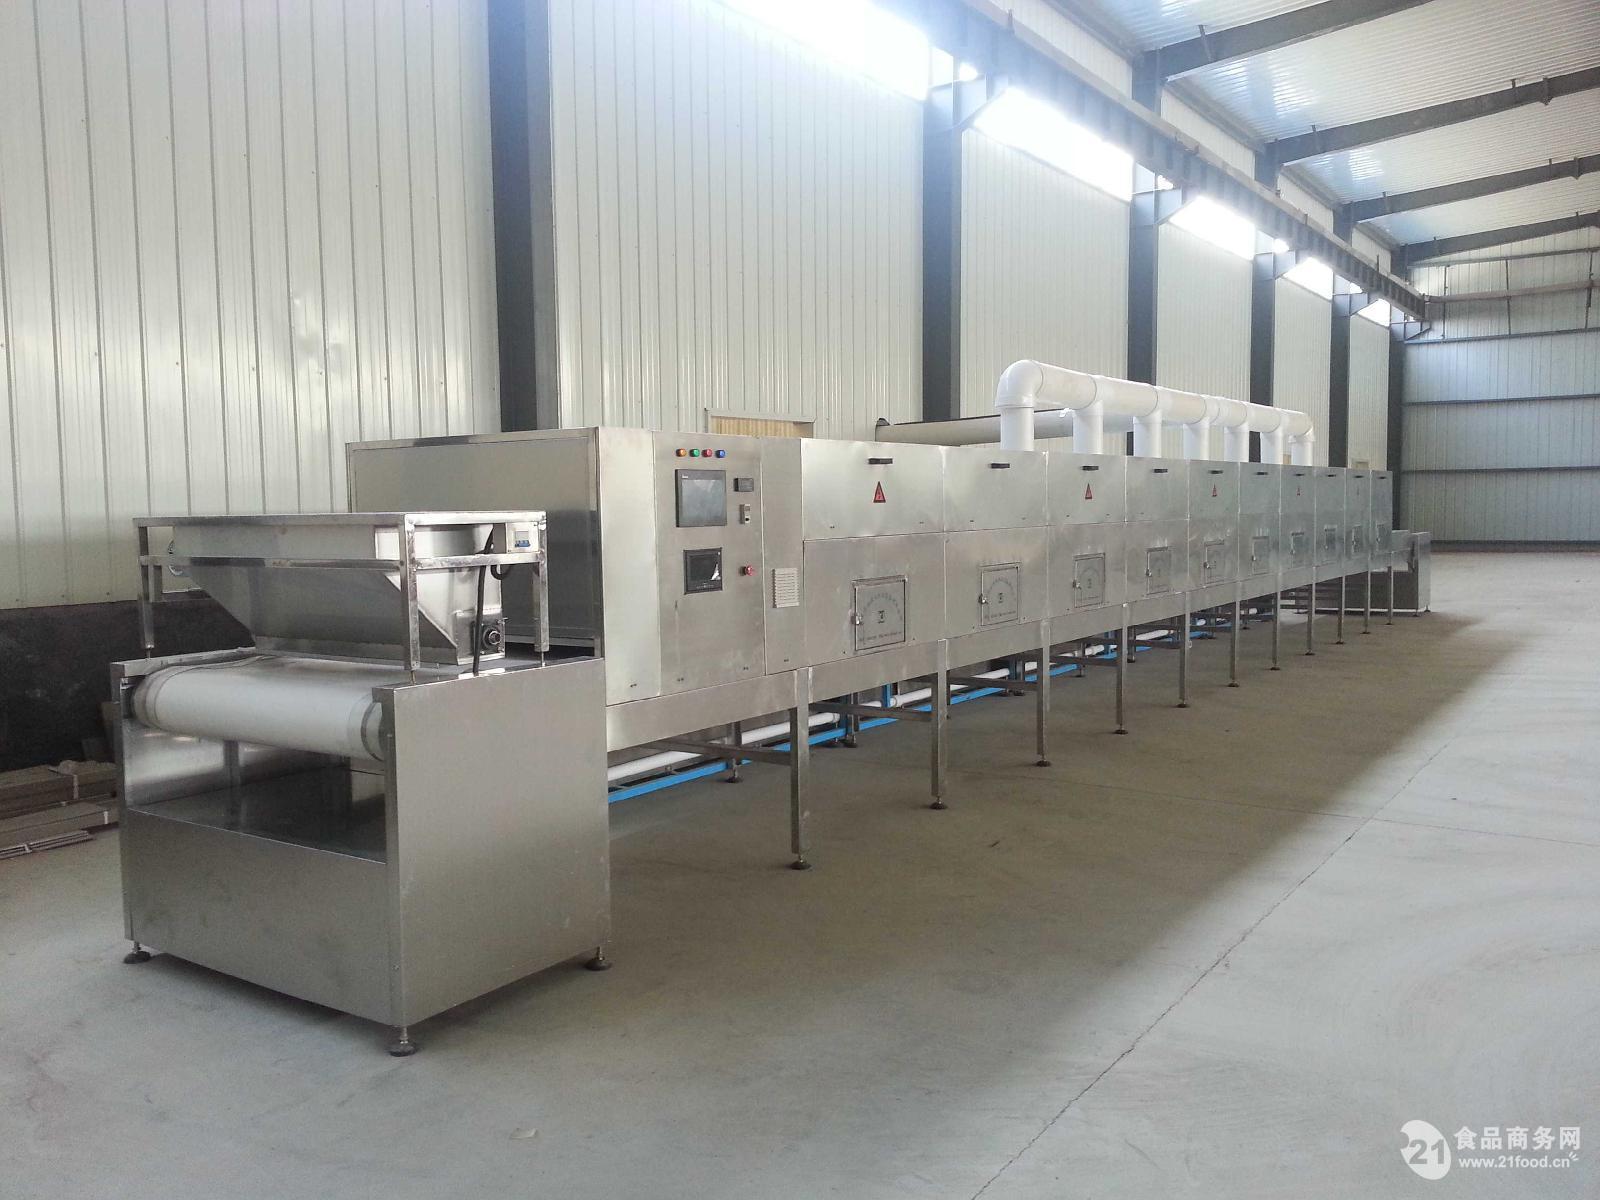 山东微波干燥设备公司,微波干燥杀菌设备